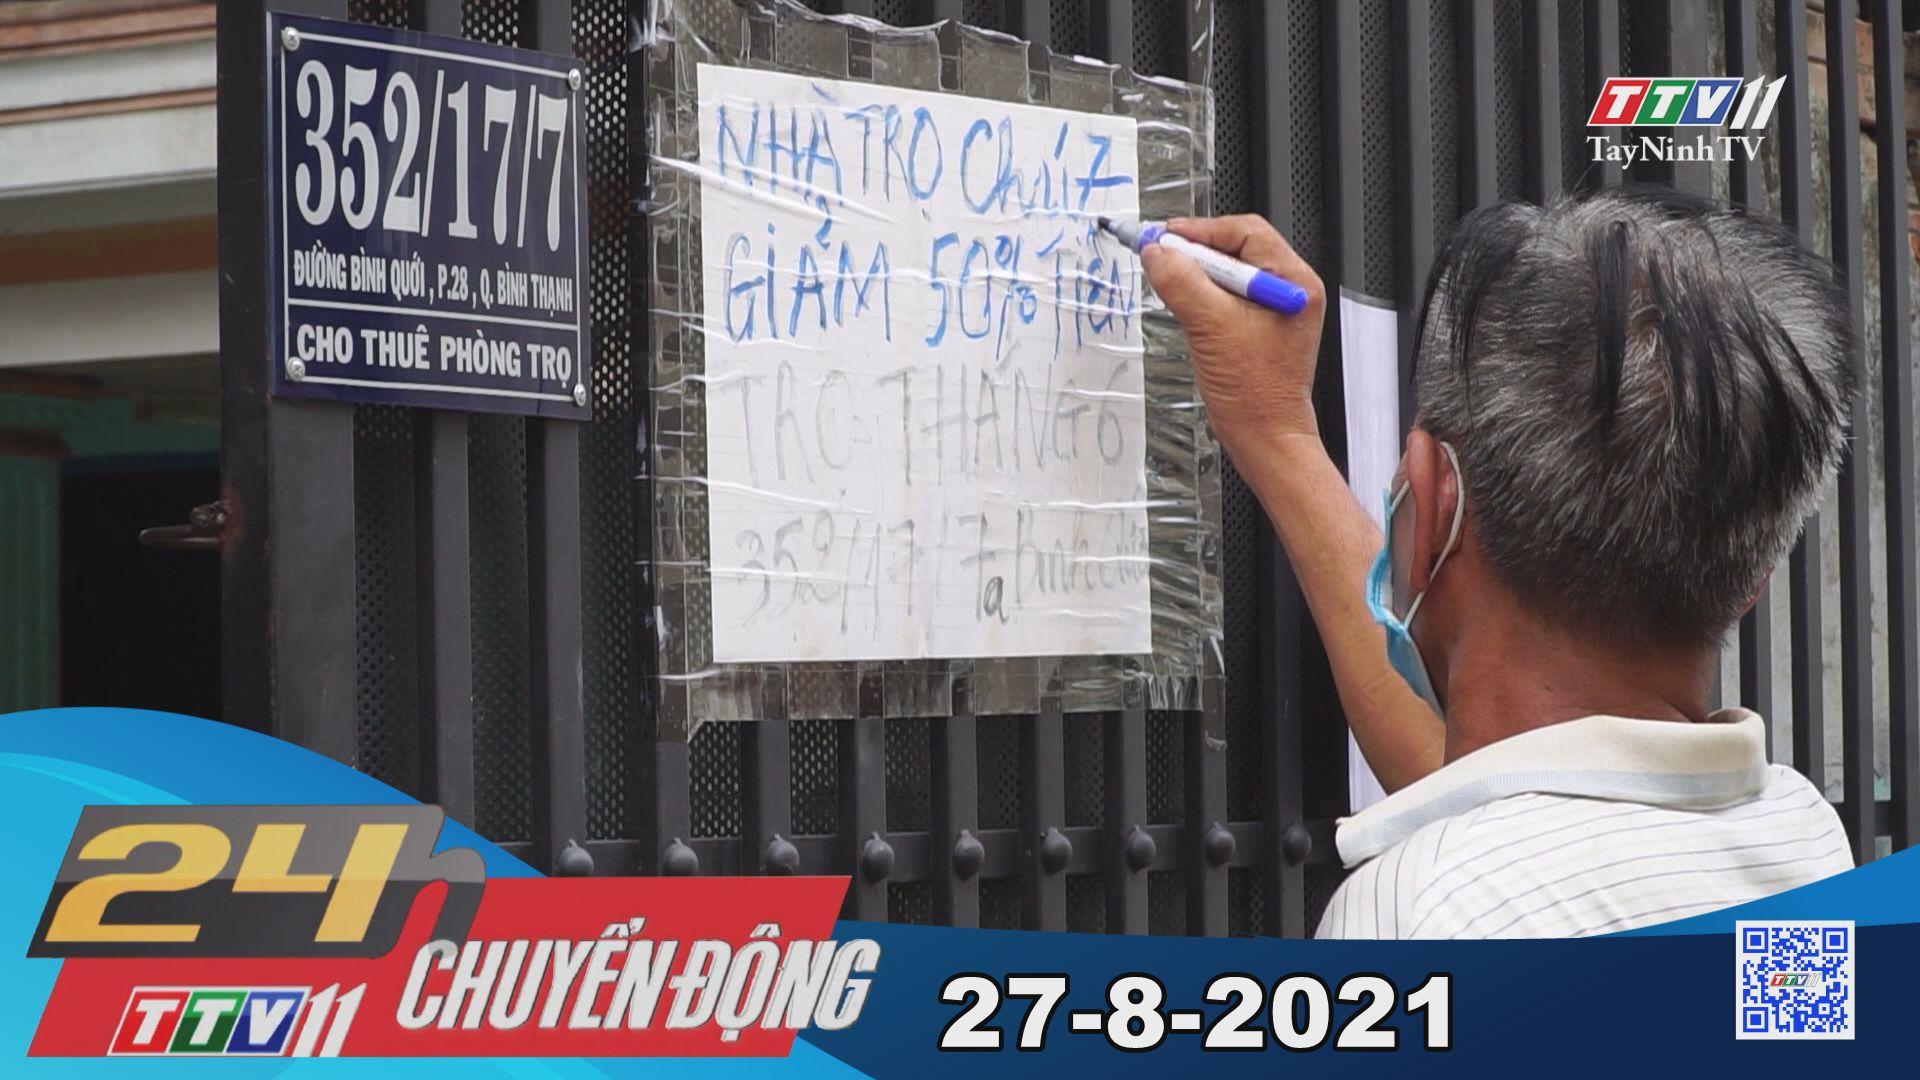 24h Chuyển động 27-8-2021 | Tin tức hôm nay | TayNinhTV